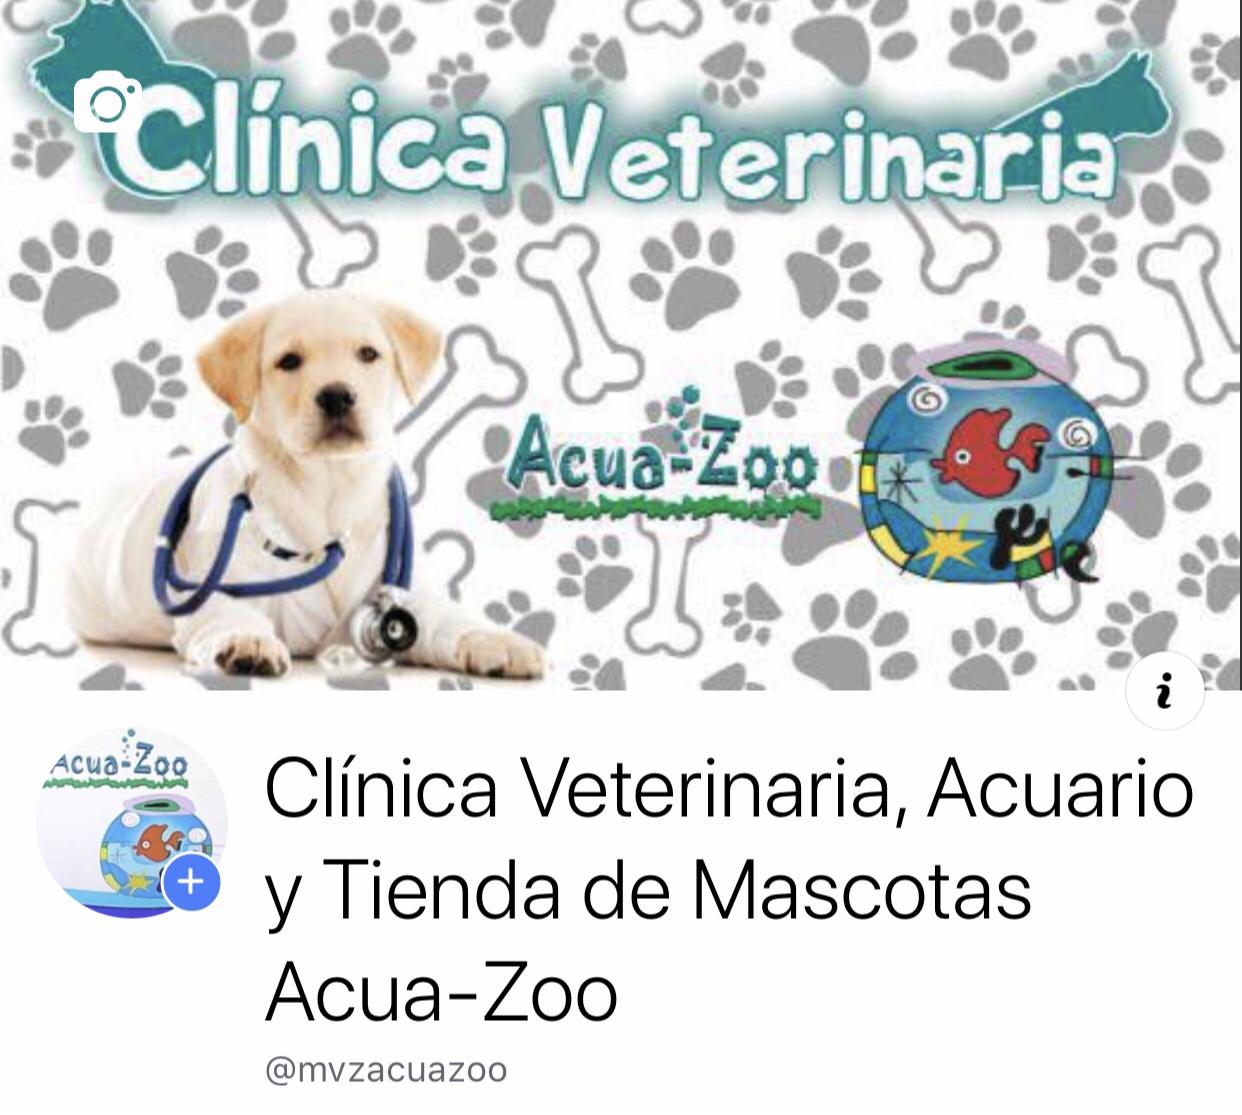 Acua-Zoo